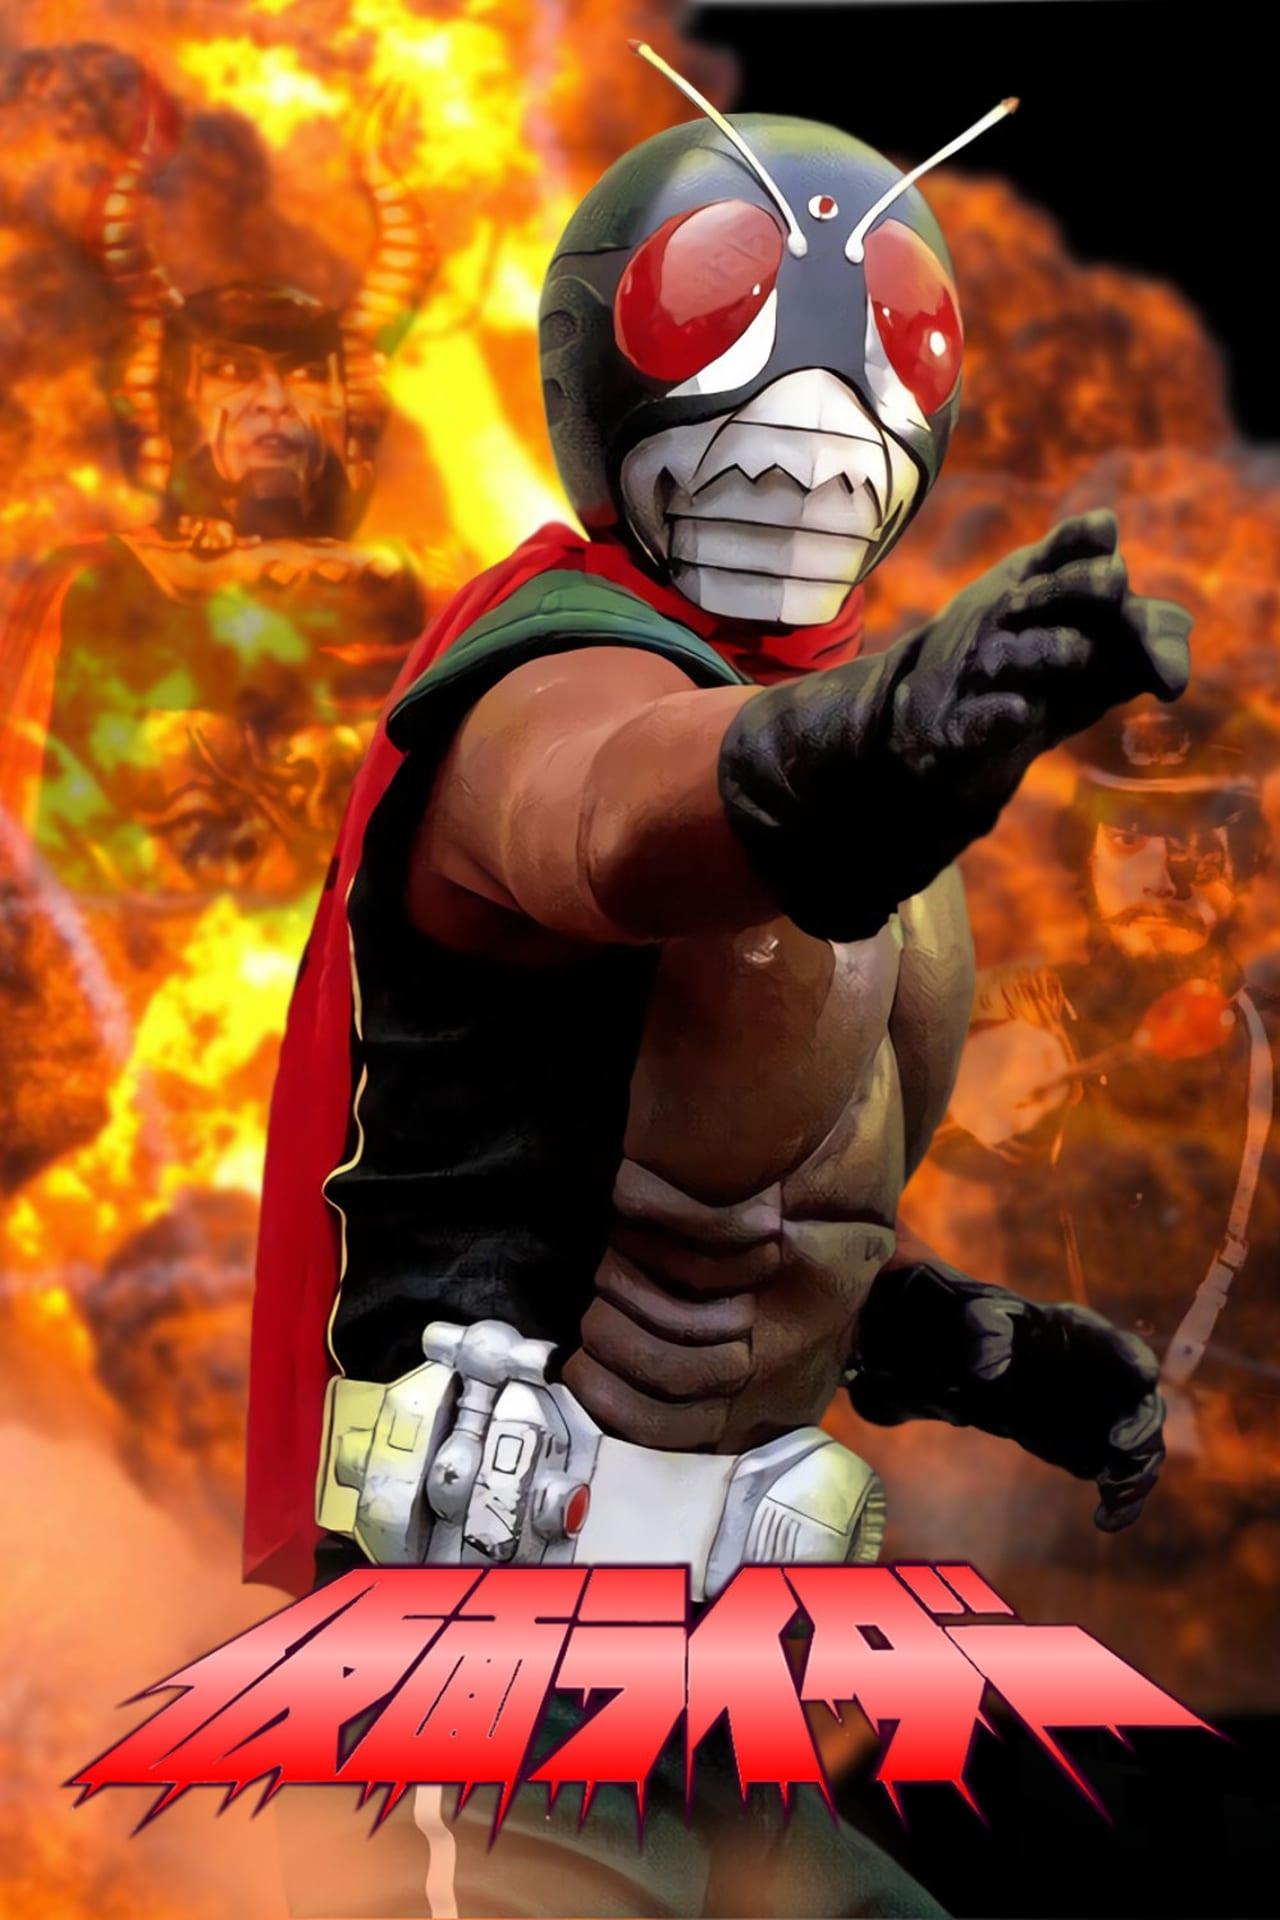 Watch Kamen Rider Season 6 Online